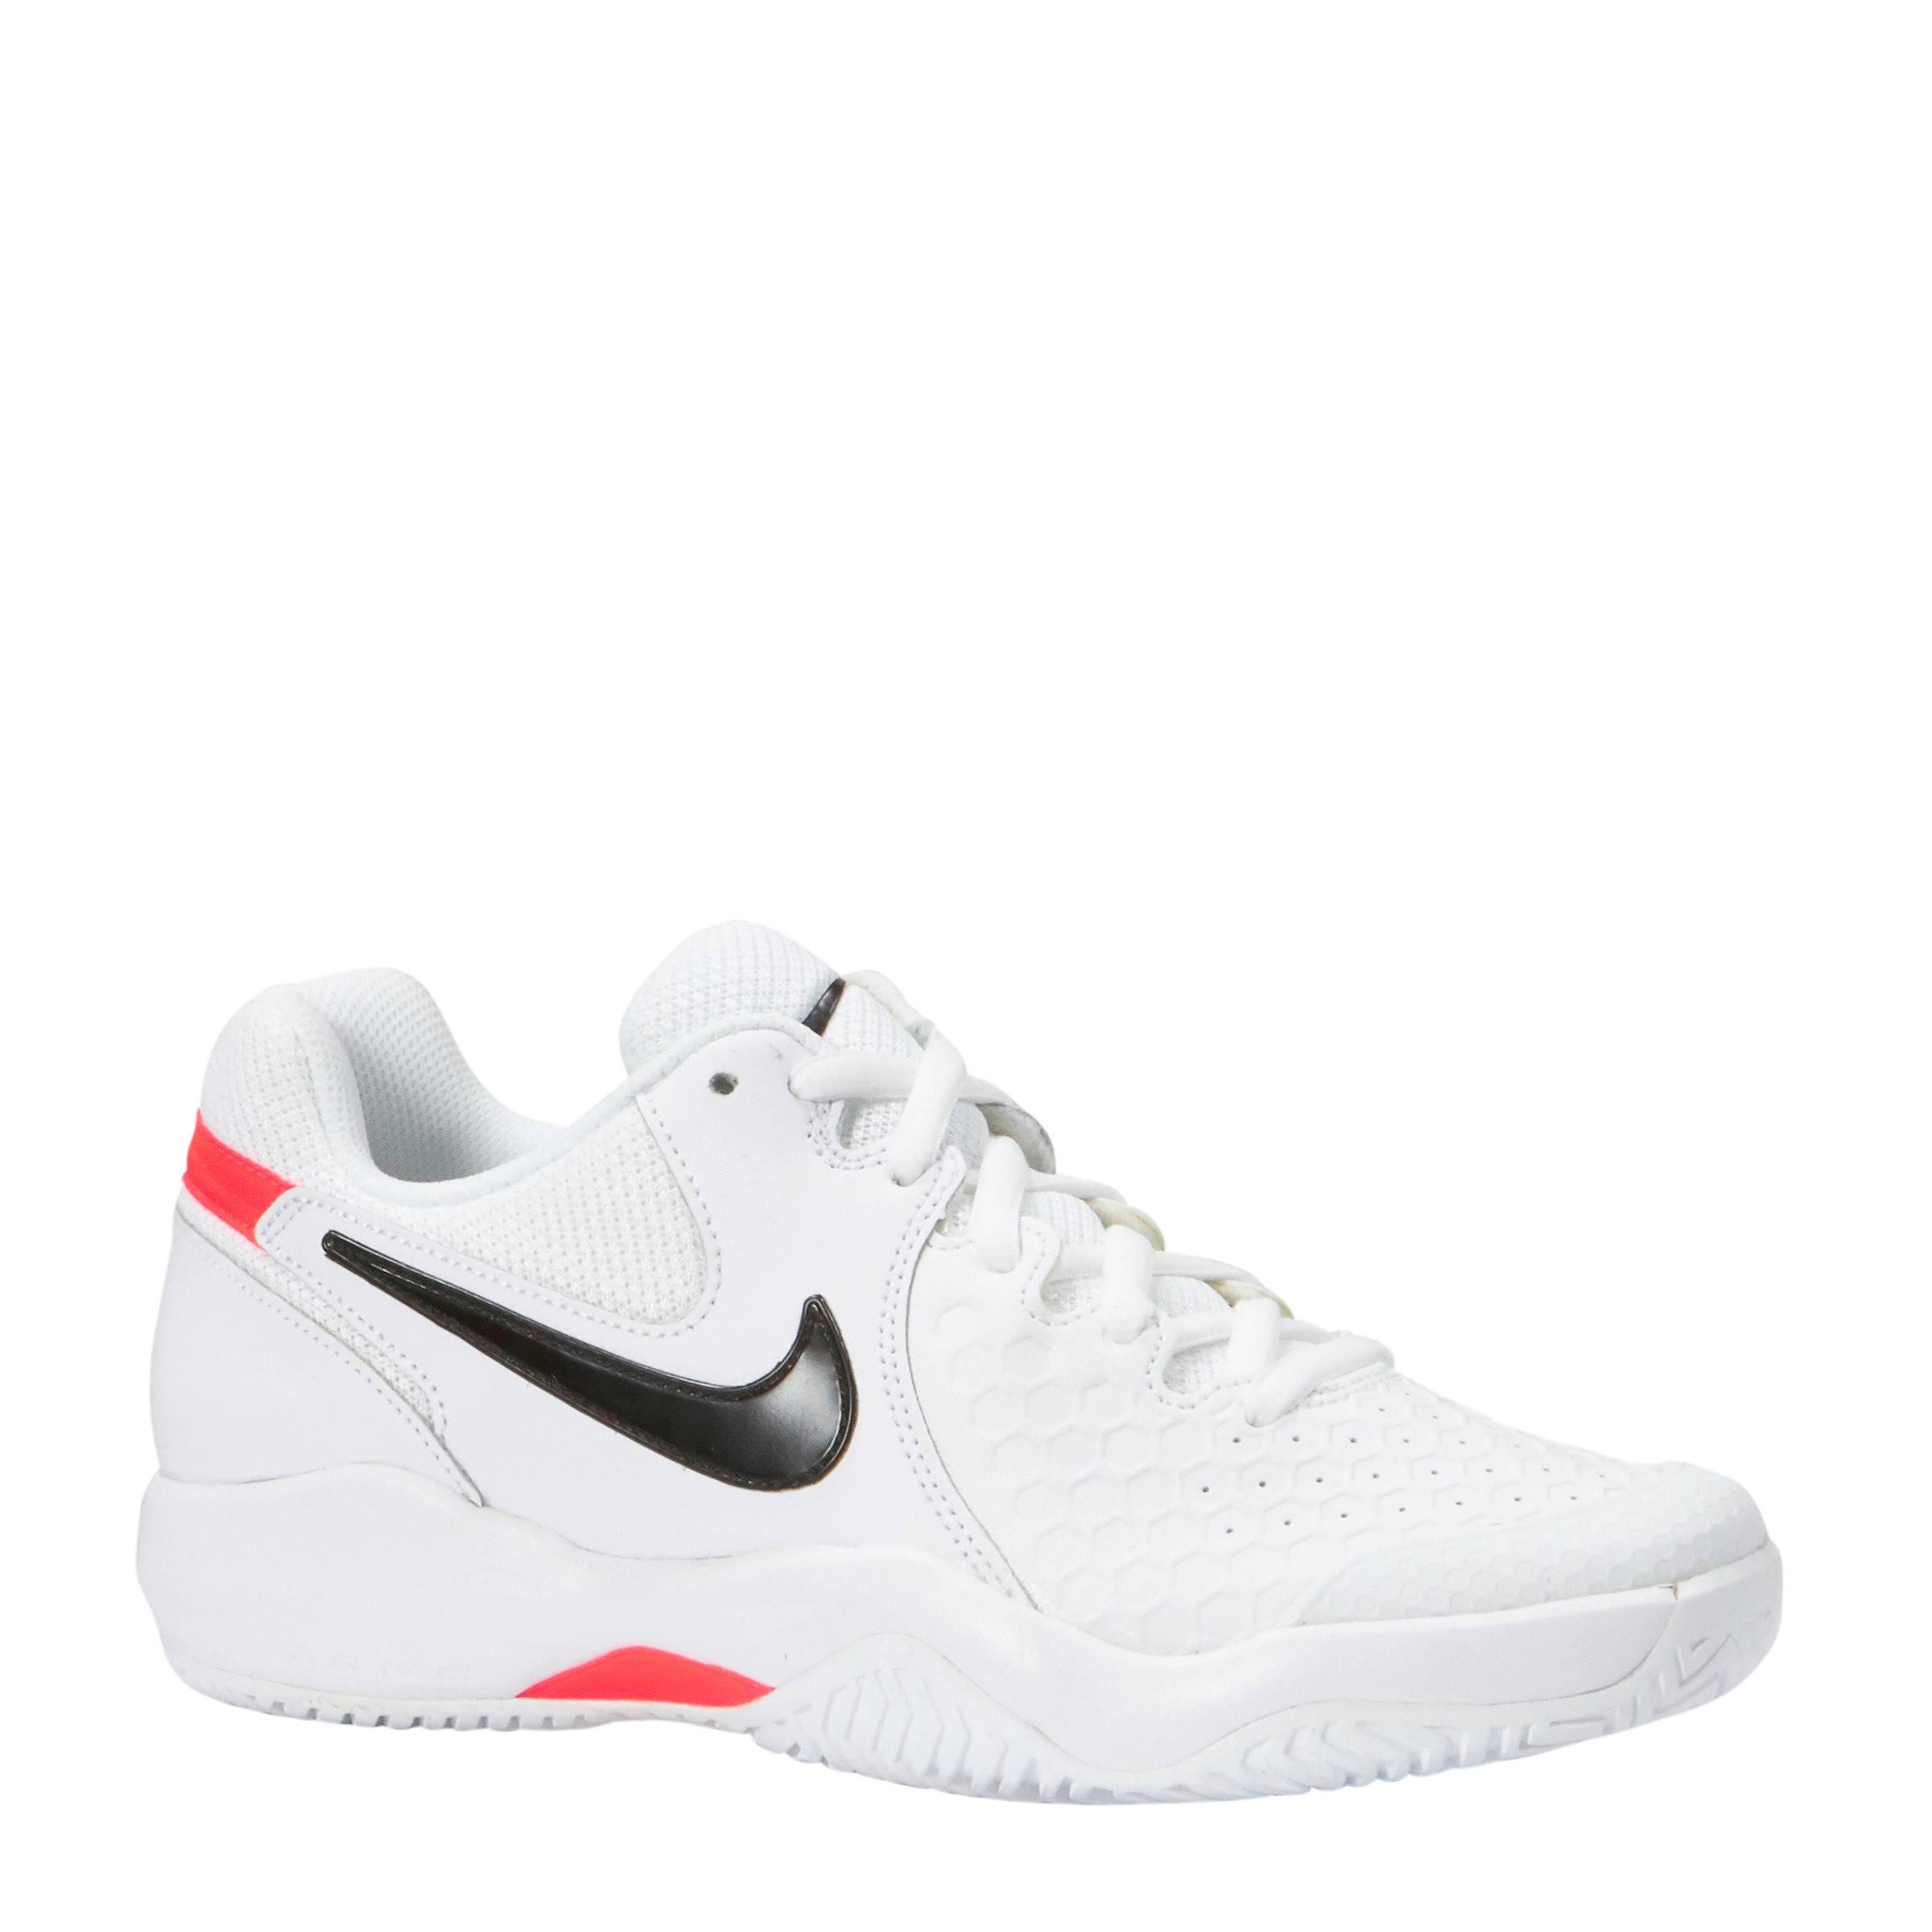 Nike Air Zoom Resistance tennisschoenen | wehkamp